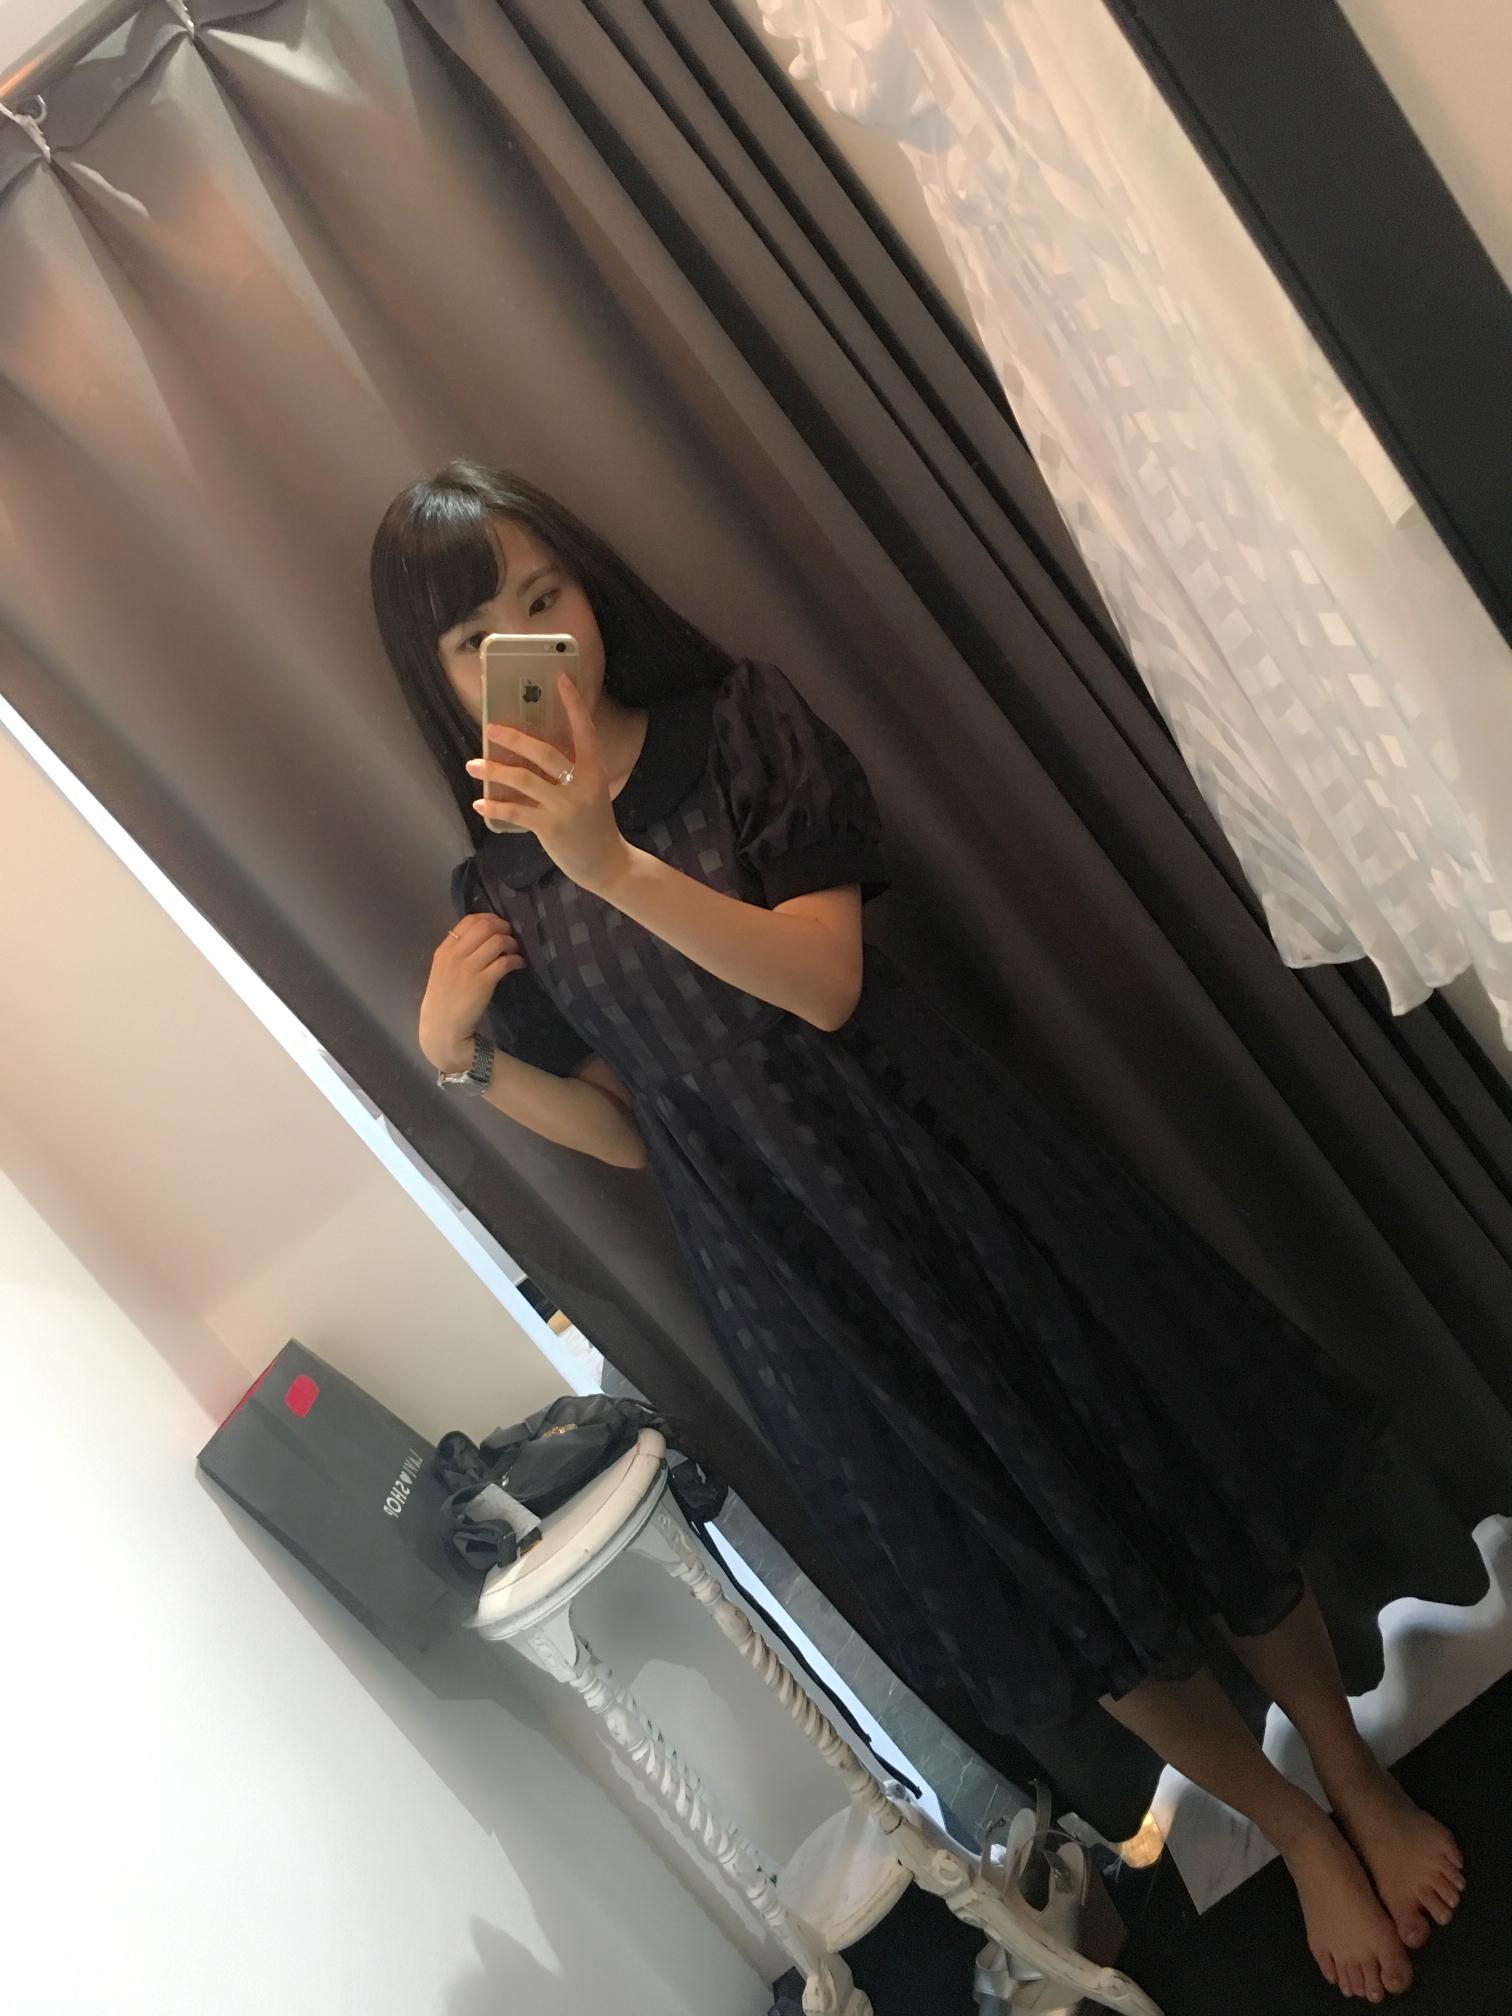 細身さんブランド♡ダブルチャカ(服以外に水着や下着もあるよ!)_1_6-2